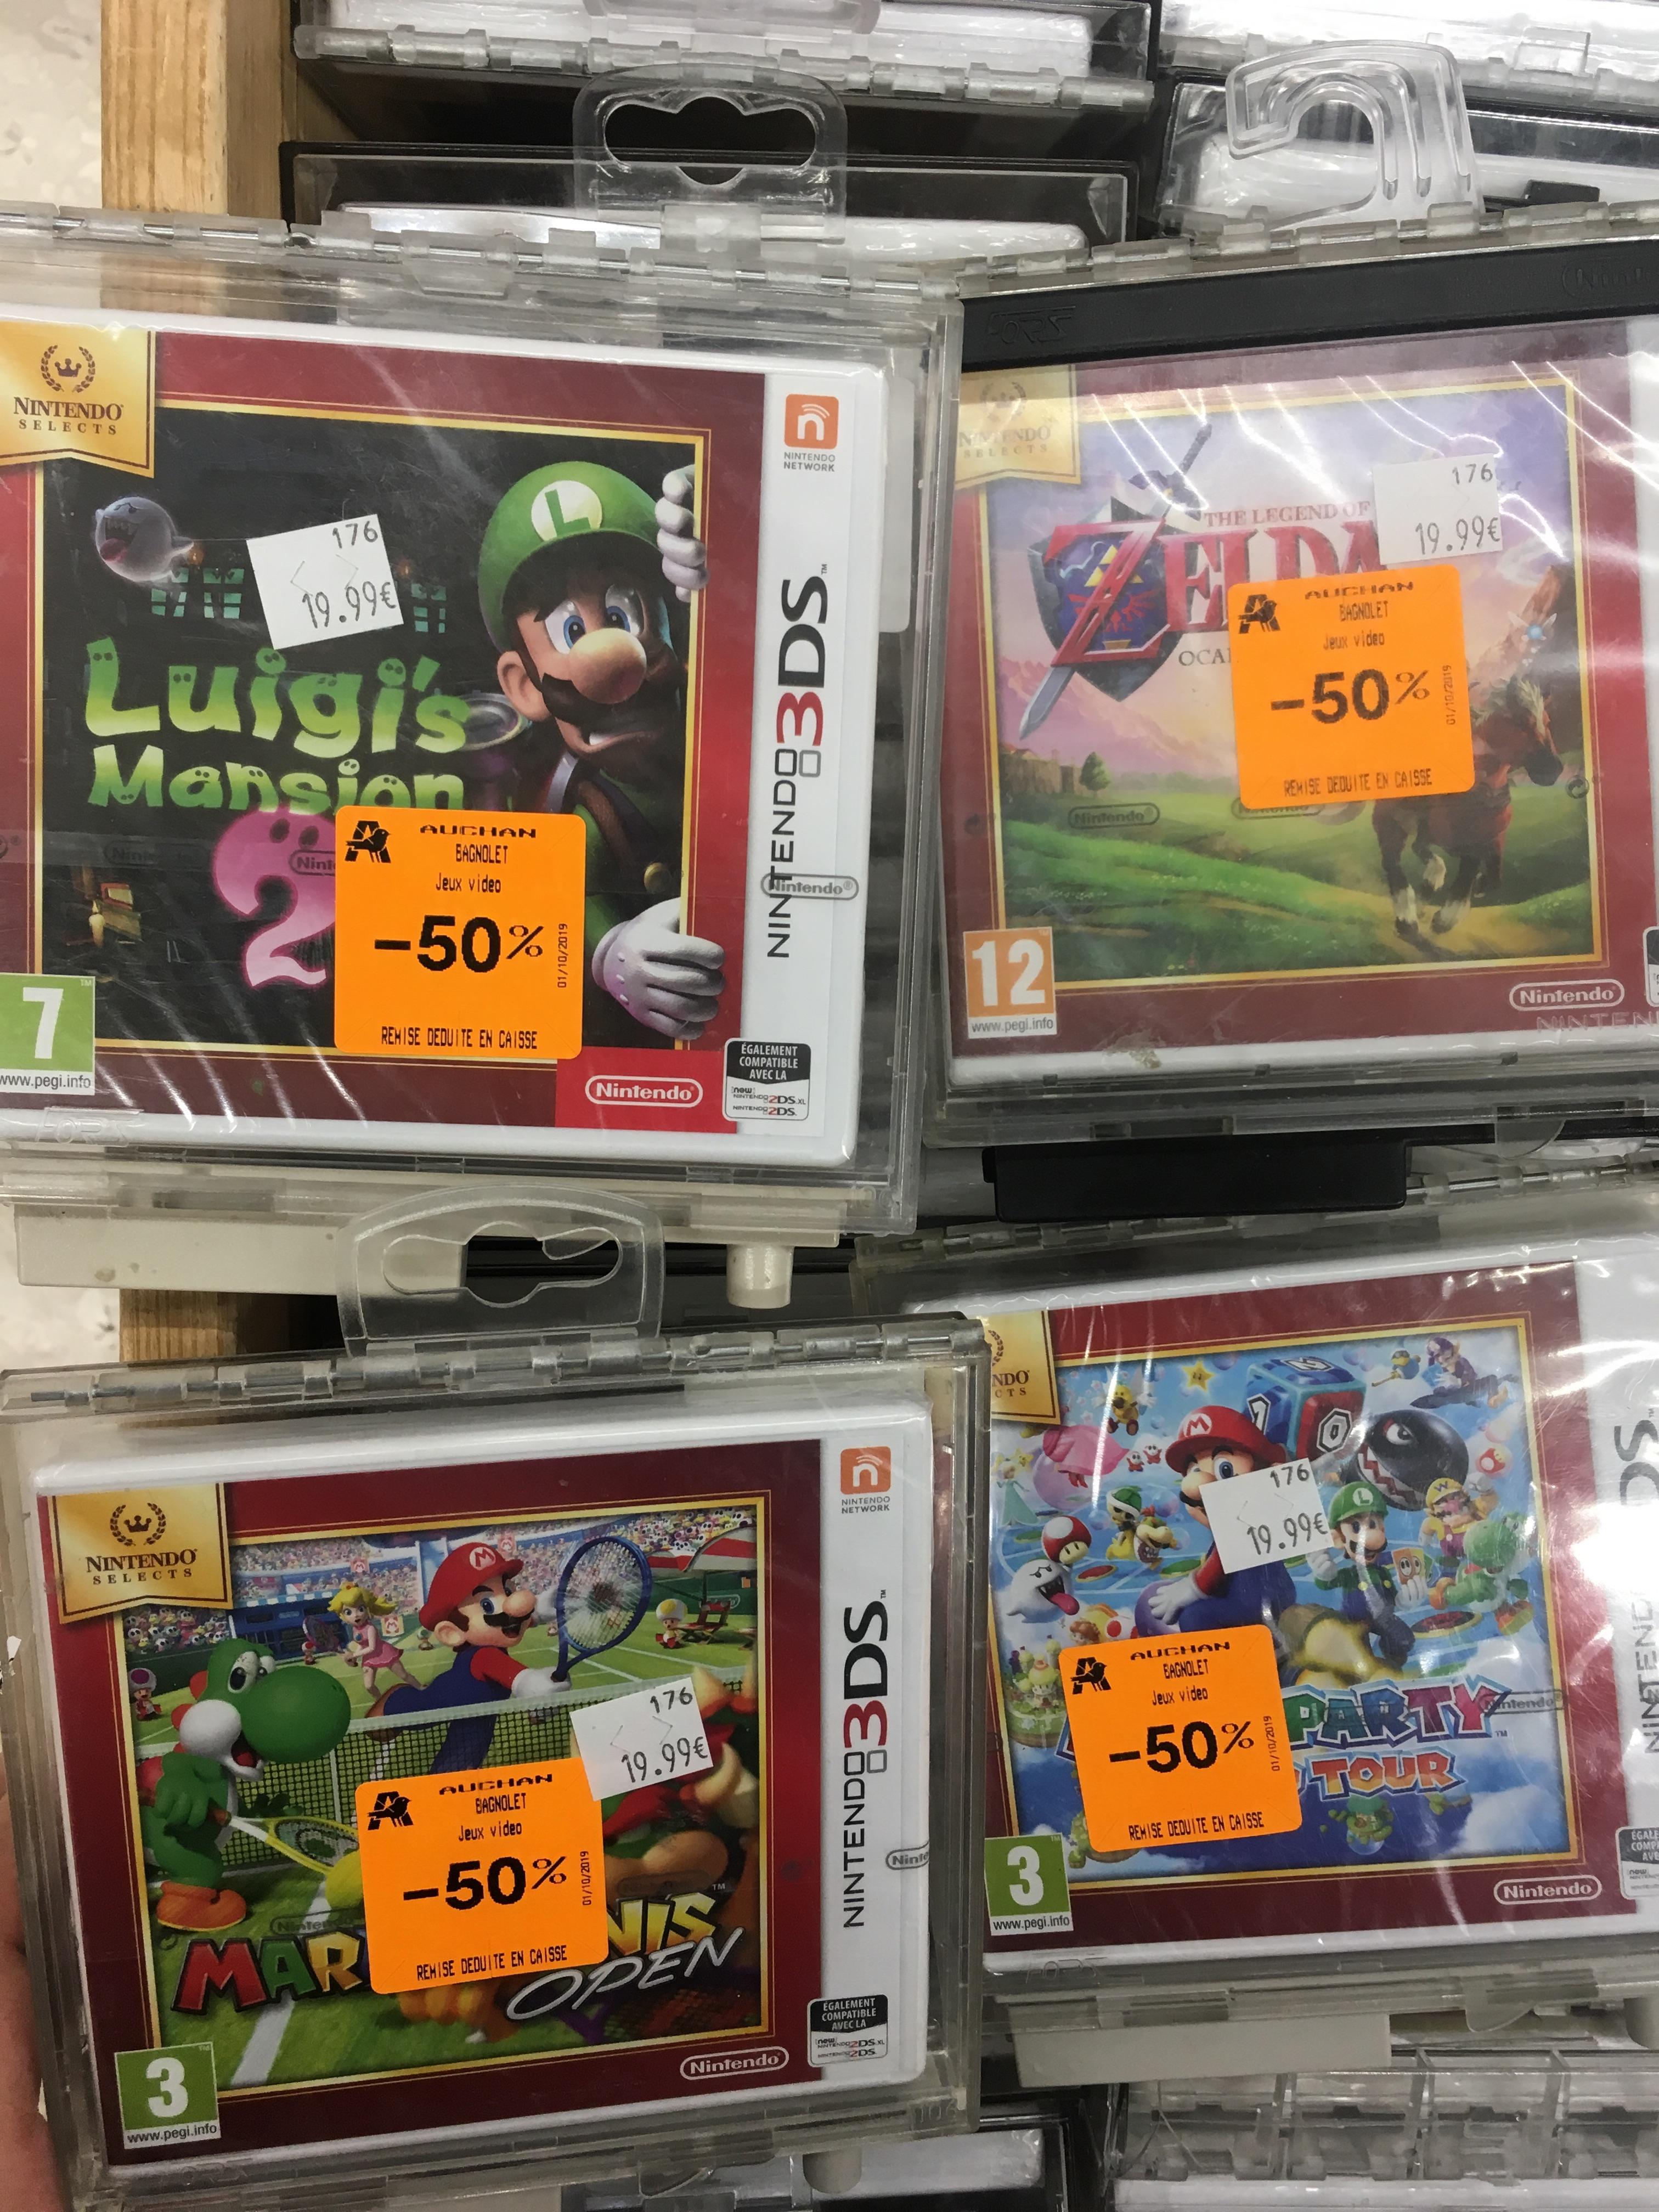 Sélection de jeux Nintendo 3DS à 10€ : Zelda, Luigi Mansion 2, Mario Tennis, Star Fox 64... - Auchan Bagnolet (93)